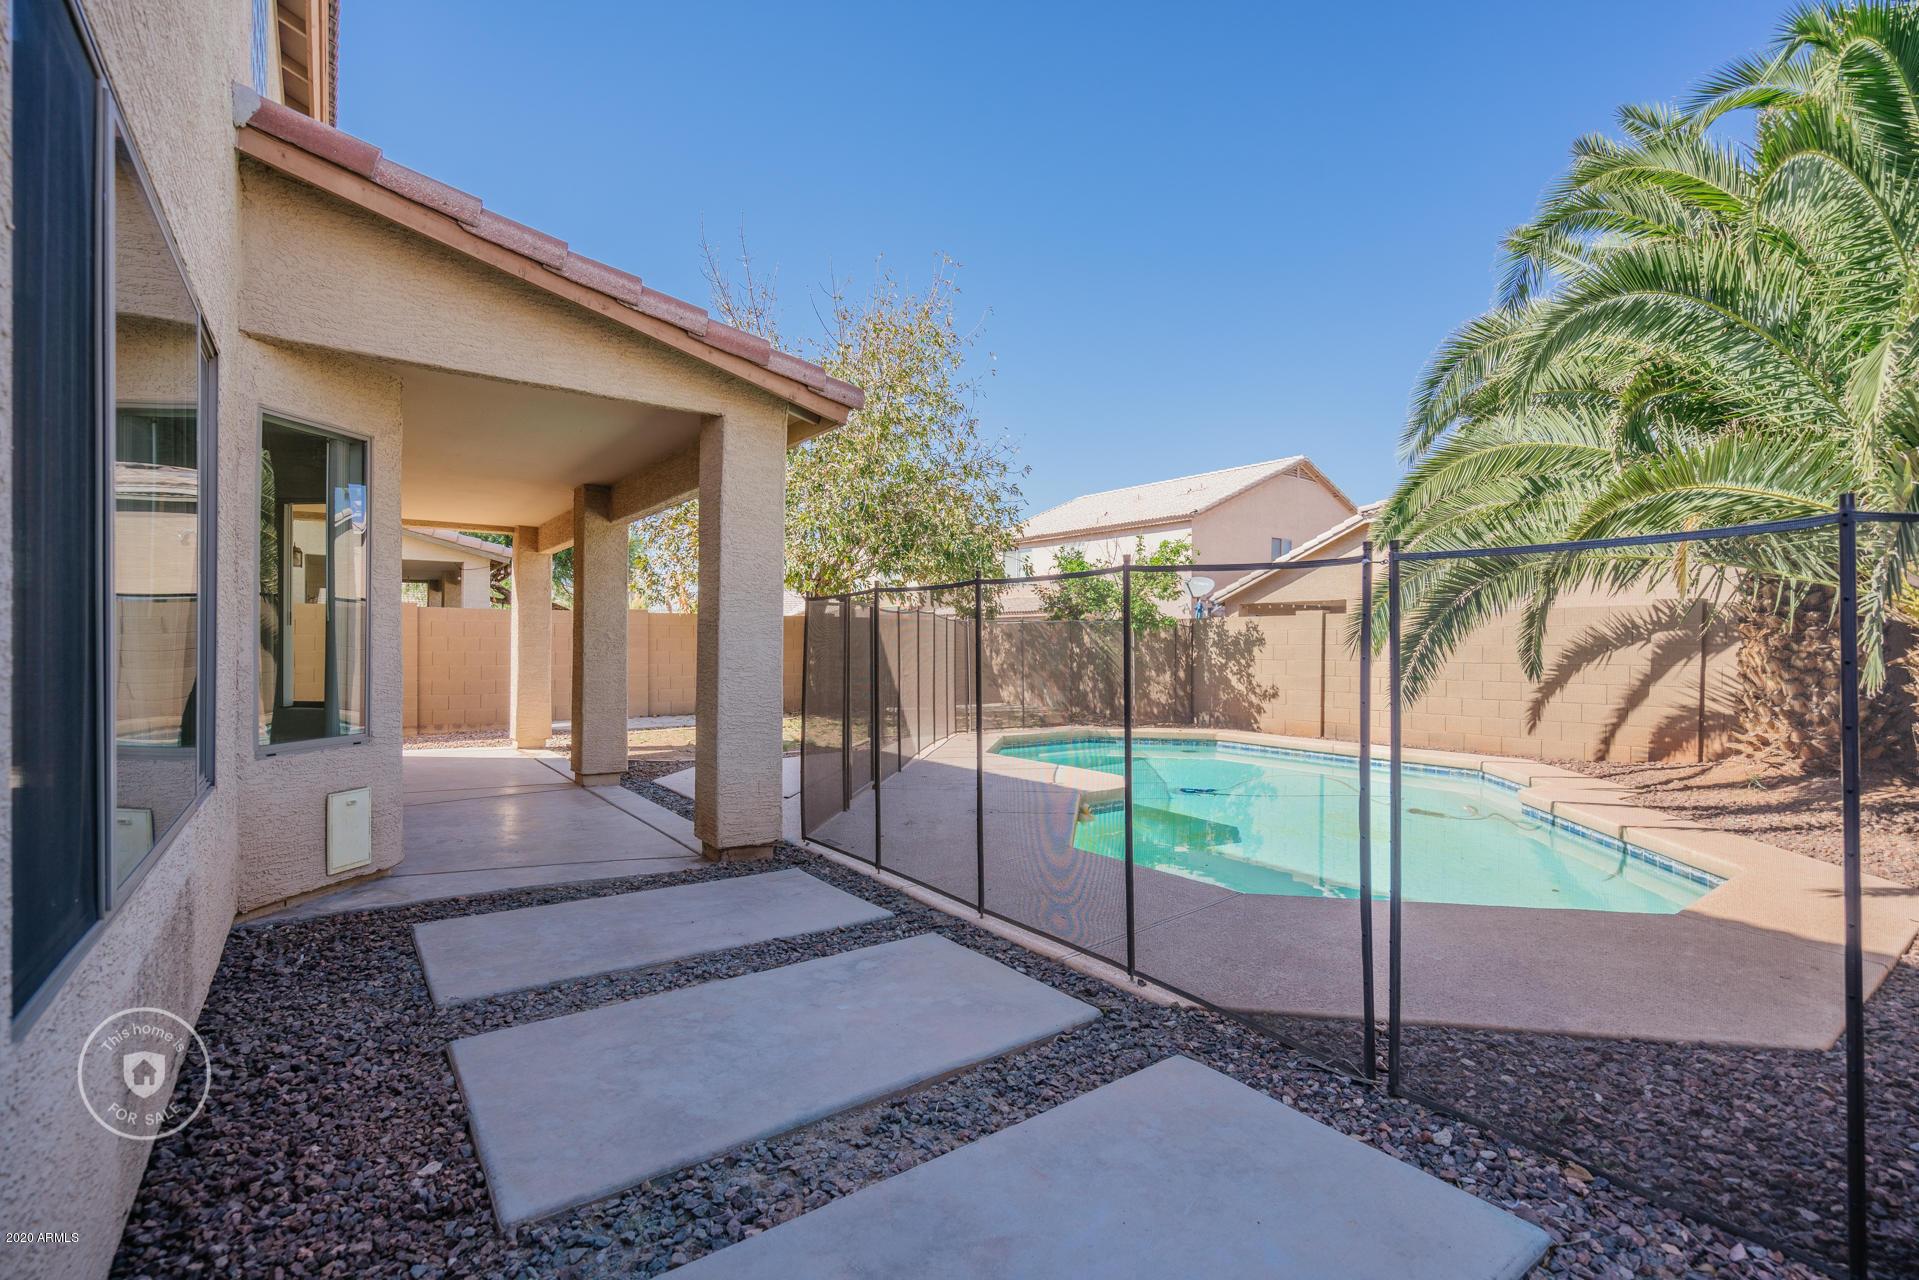 MLS 6146601 10634 W EDGEMONT Drive, Avondale, AZ 85392 Avondale AZ Private Pool